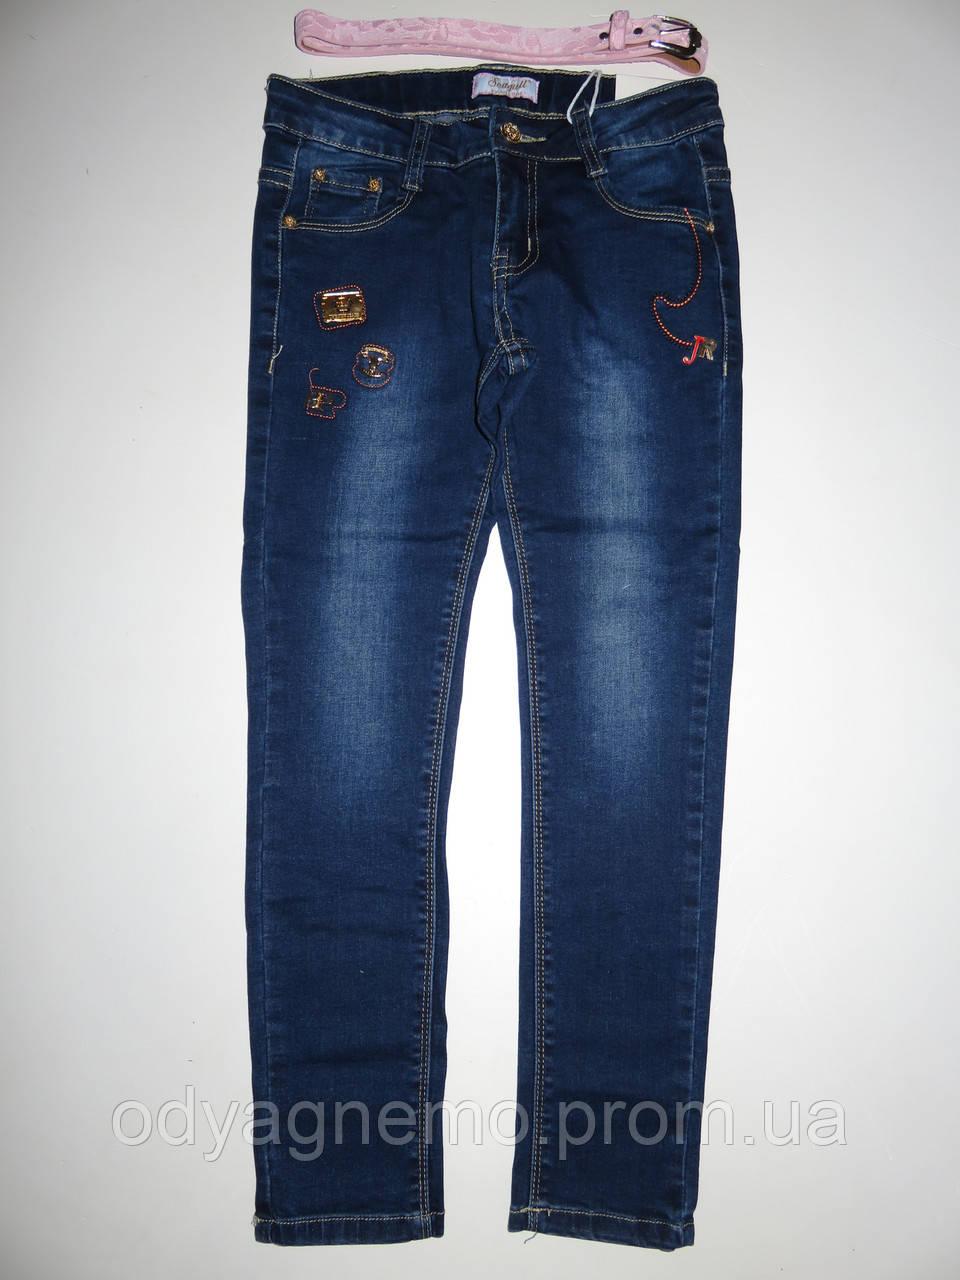 Джинсовые брюки для девочек Seagull оптом,134-164 pp.